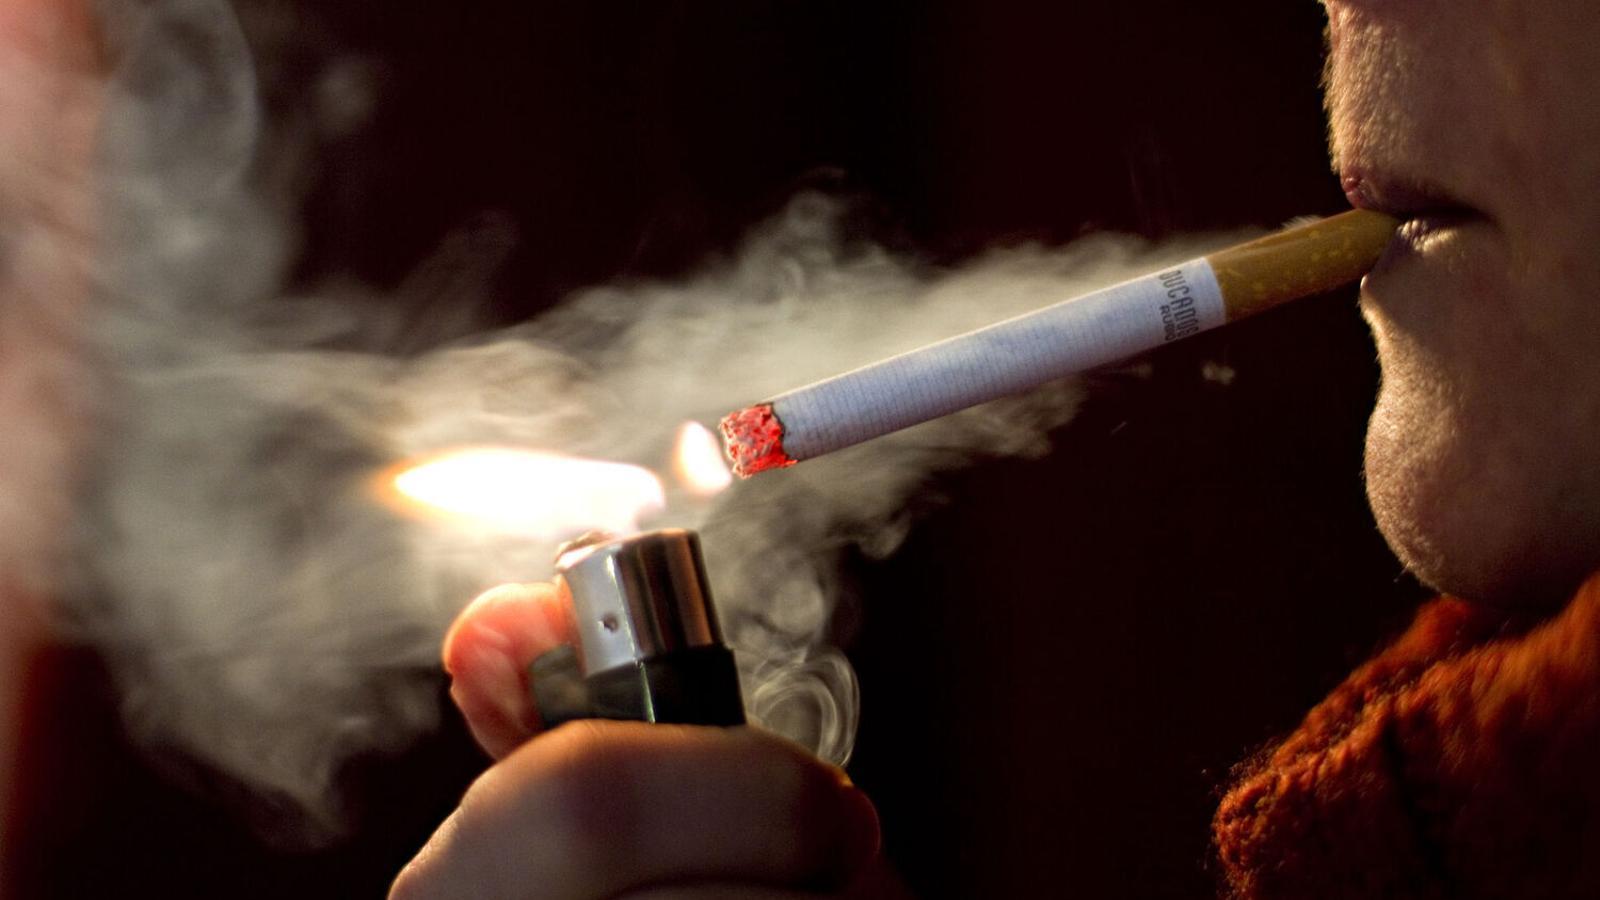 Una dona encenent-se una cigarreta en una imatge d'arxiu.